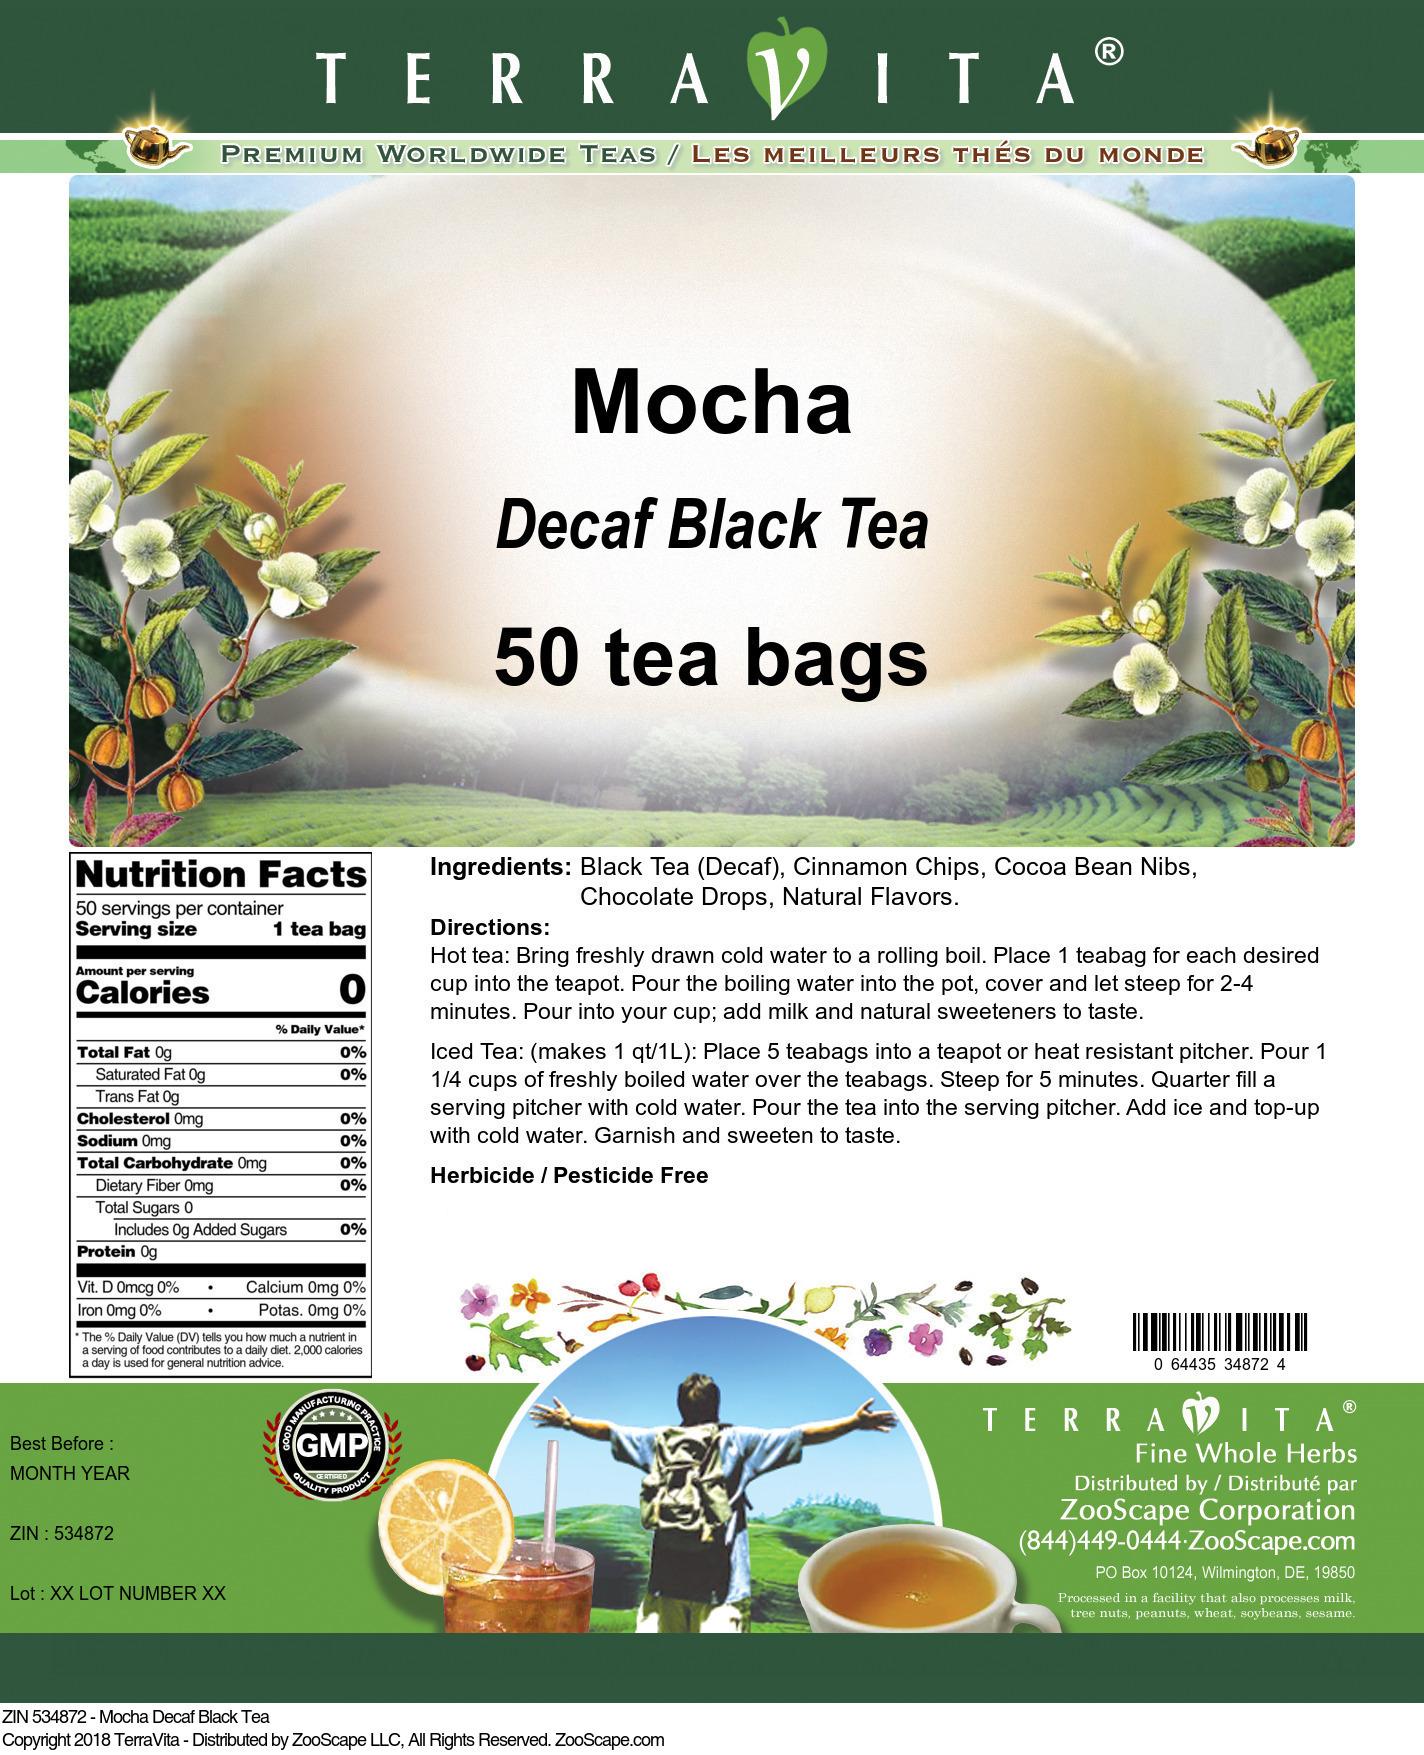 Mocha Decaf Black Tea